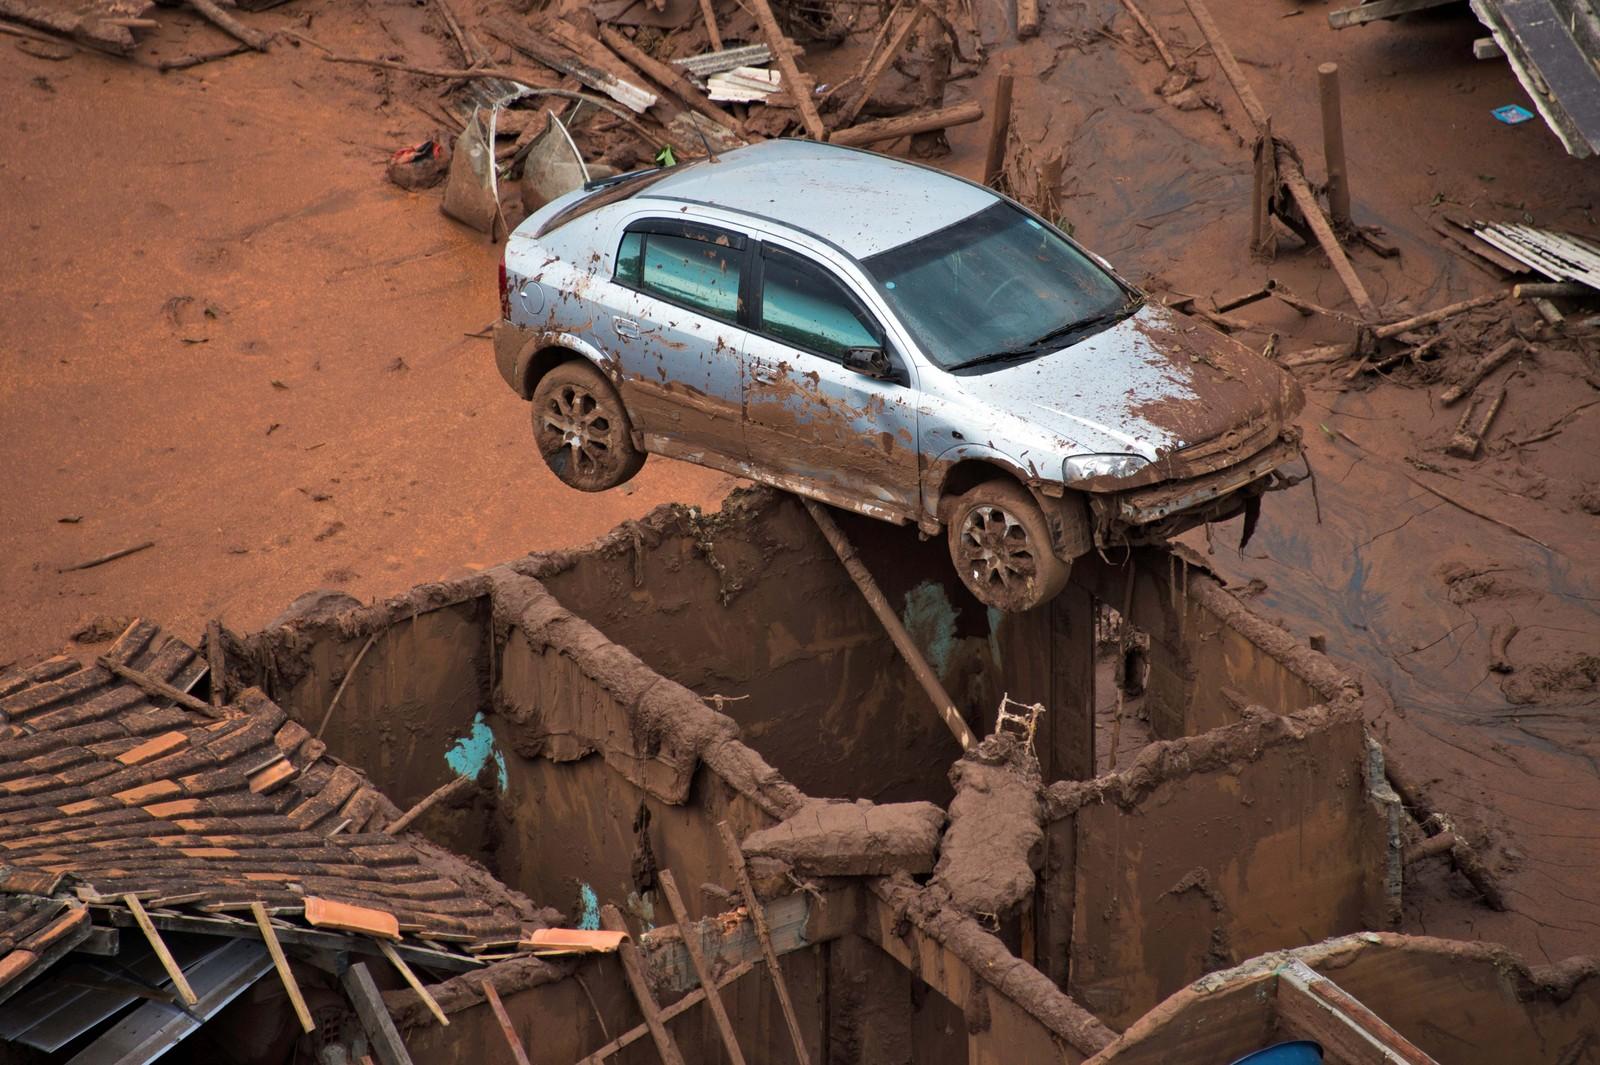 En bil henger nærmest i løse luften etter at en demning brast i landsbyen Bento Rodrigues i Brasil 6. november. Minst 17 personer mistet livet i ulykken og den giftige gjørmen som rant ut har skapt store miljøproblemer i området rundt.